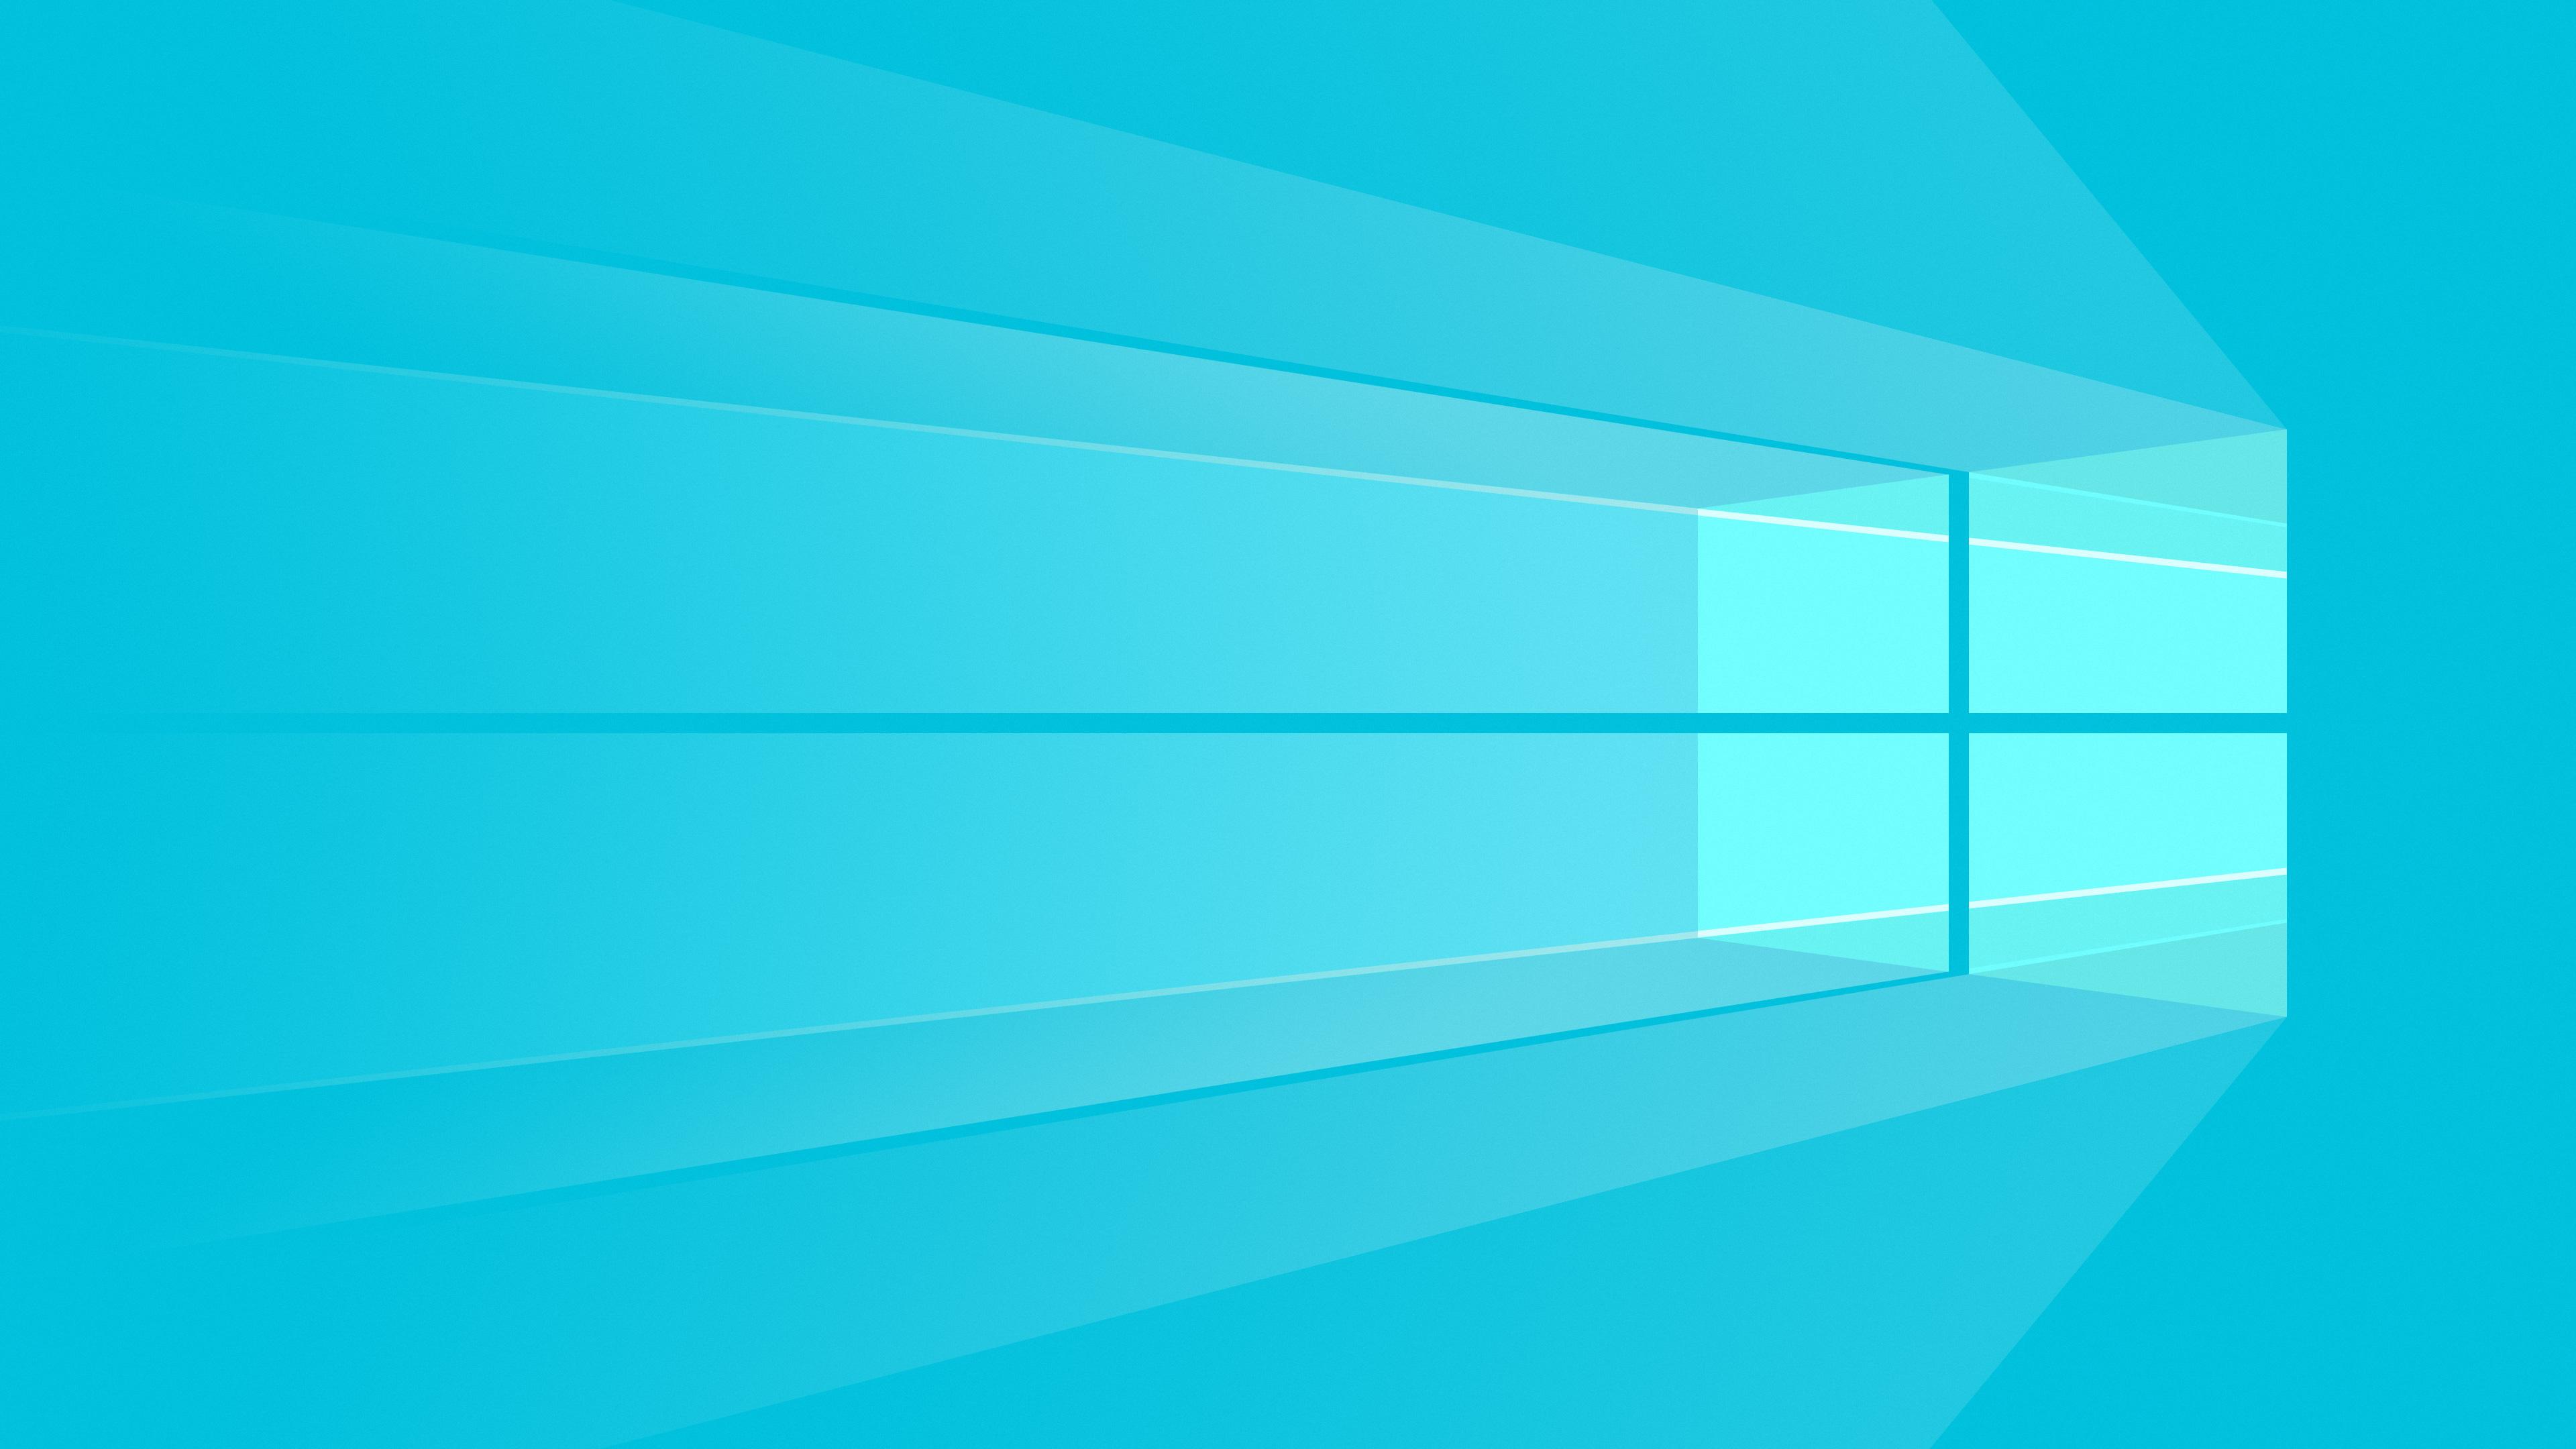 Windows 10 Minimalist 4k, HD Computer, 4k Wallpapers ...